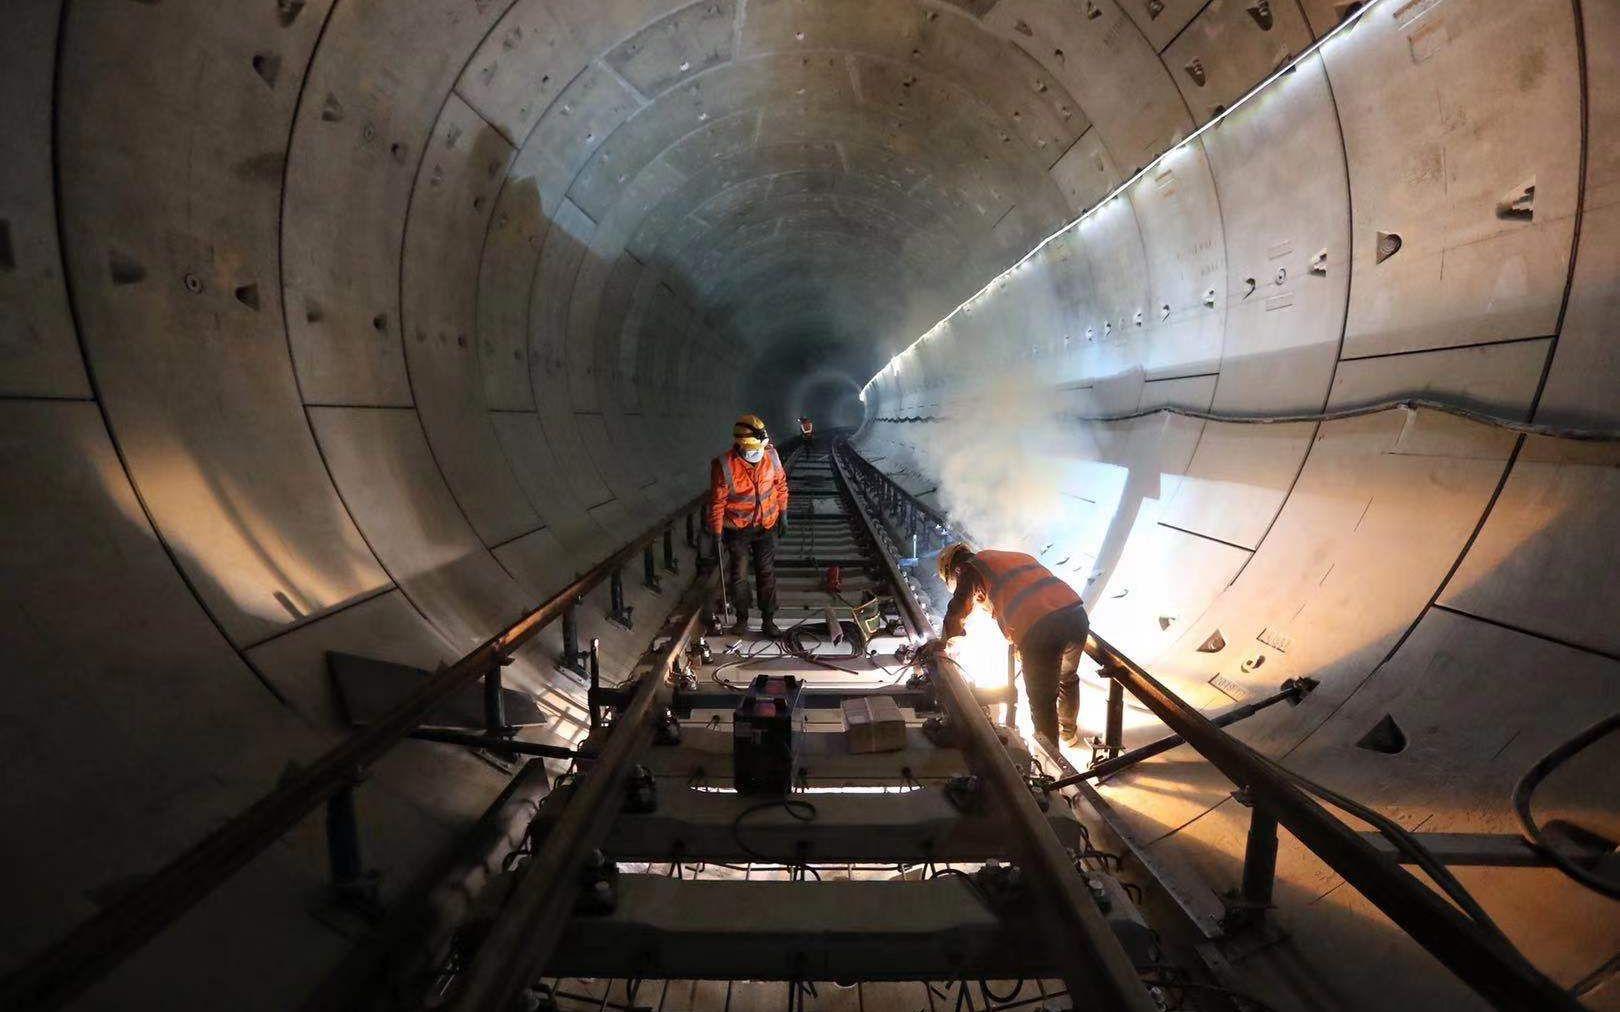 北京地铁17号线南段年底将开通 包含两座换乘站图片